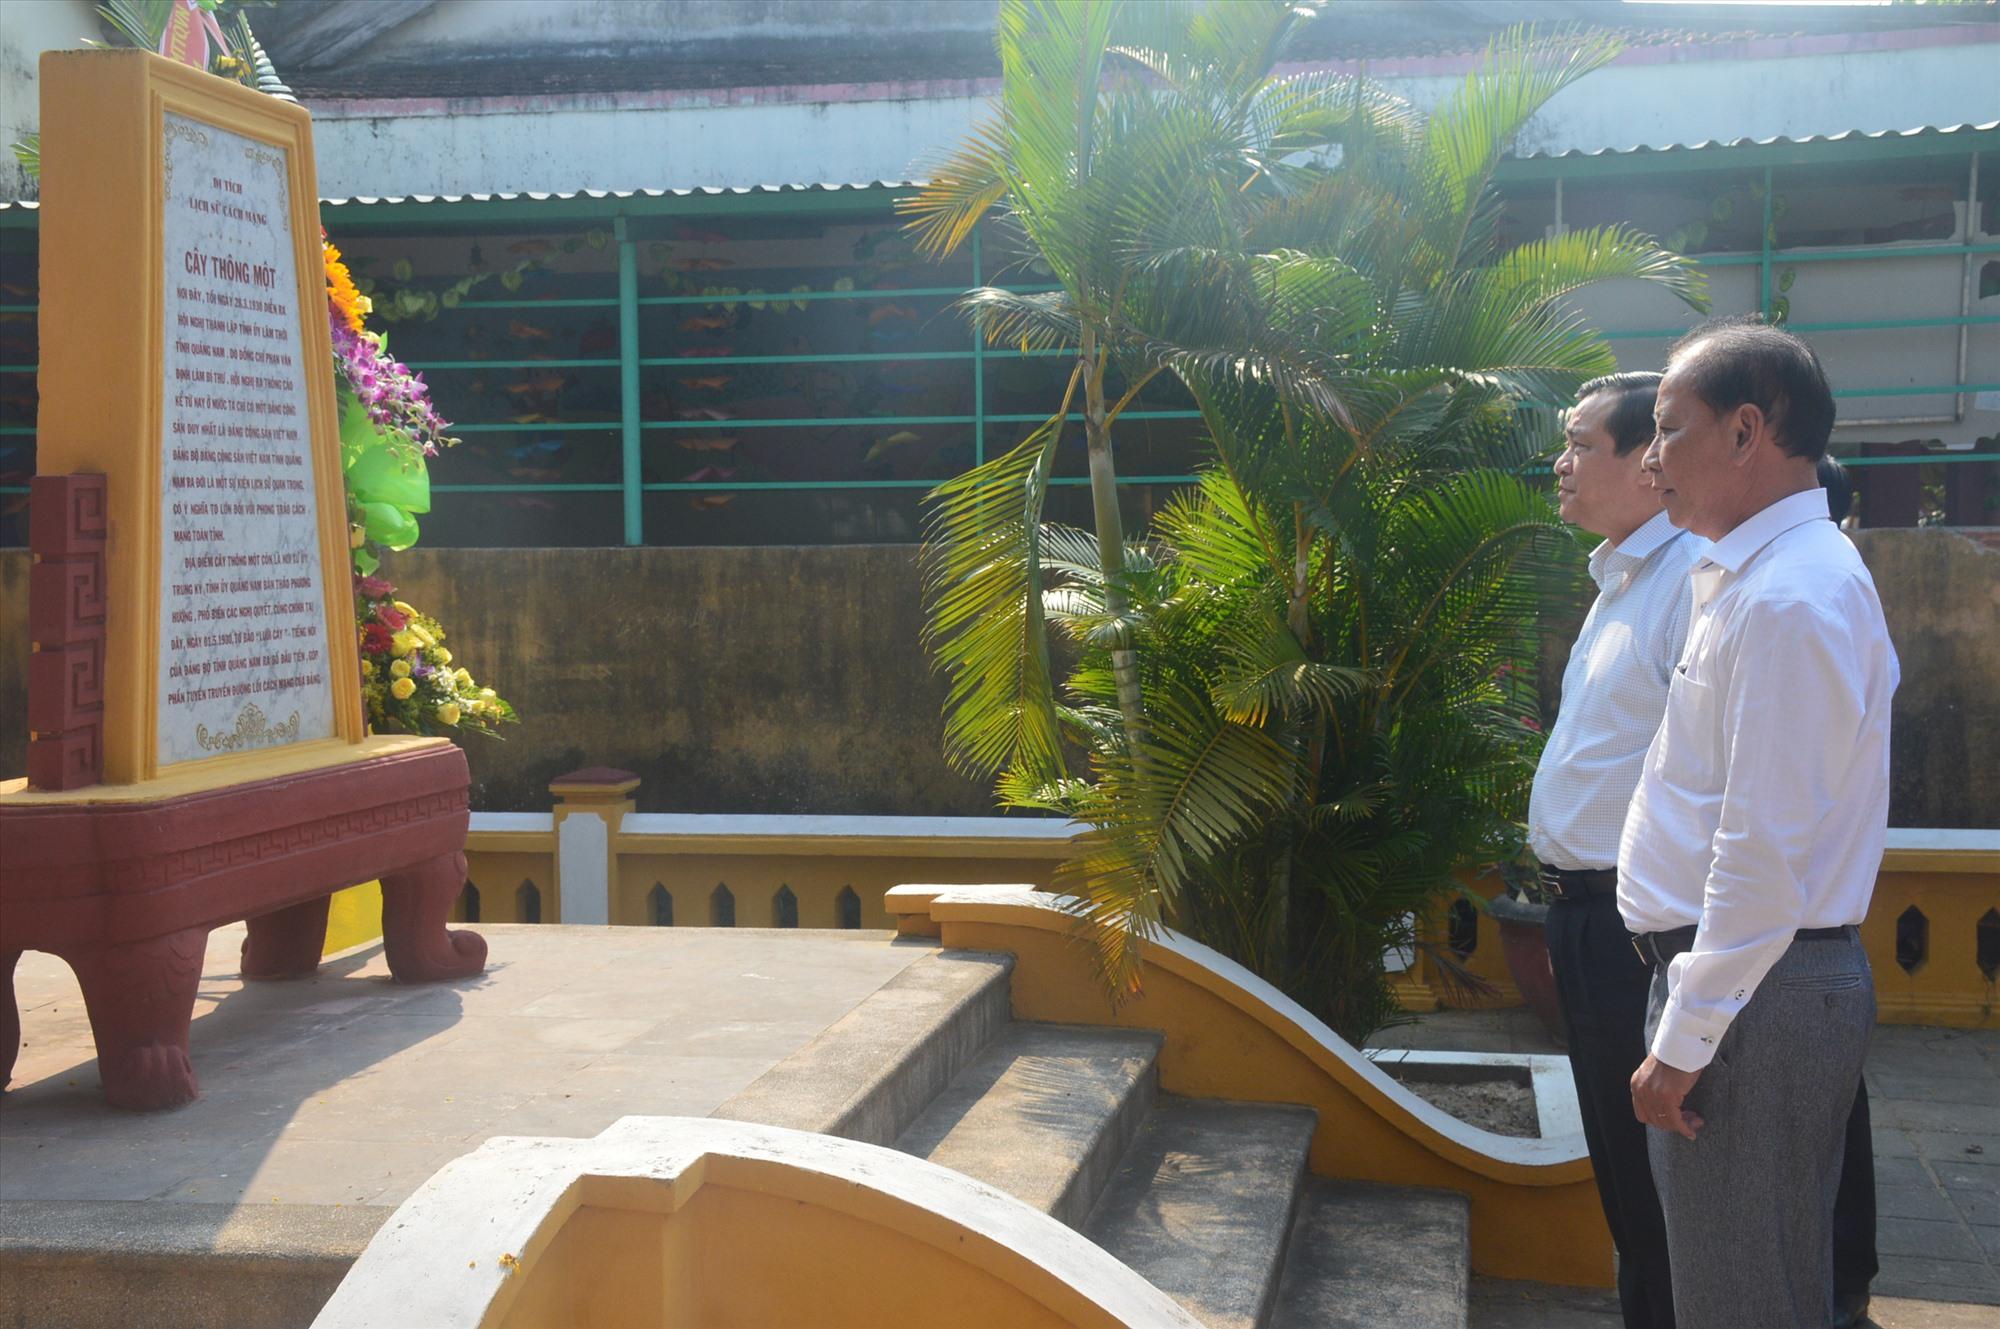 Bí thư Tỉnh ủy Phan Việt Cường thăm di tích Cây Thông Một. Ảnh: Q.T